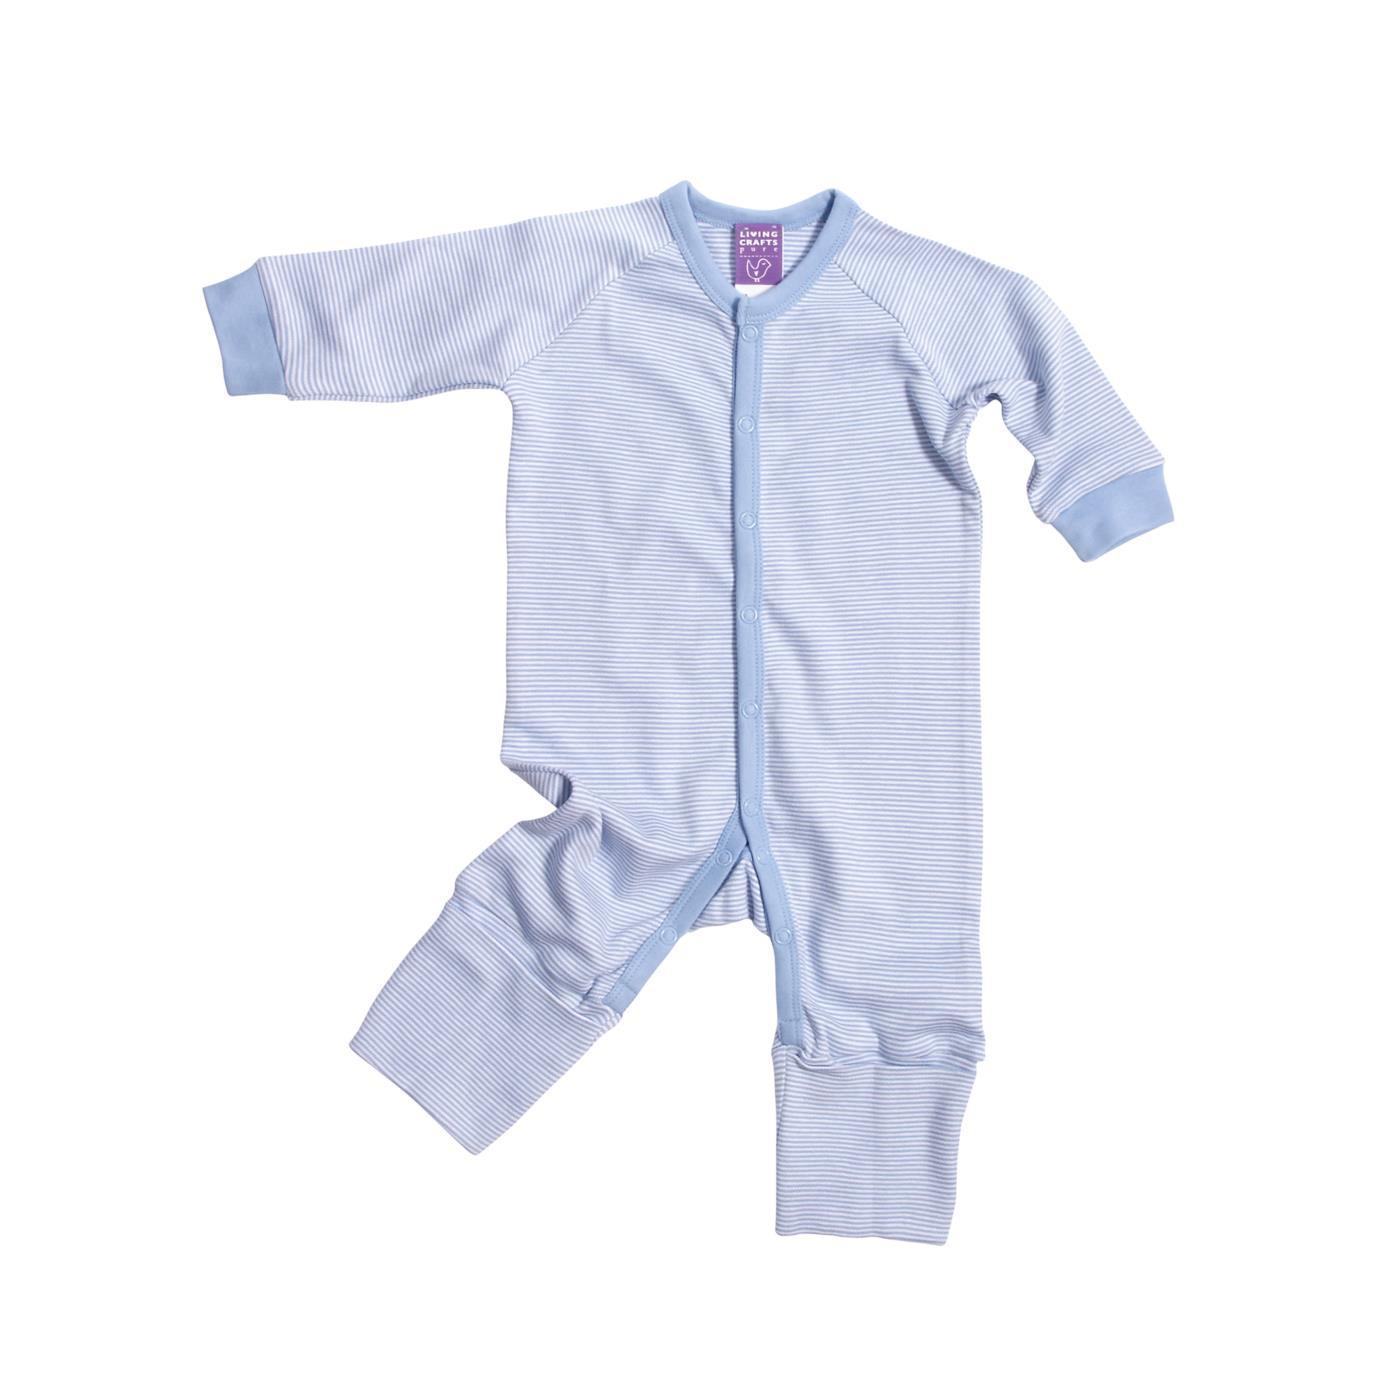 Økologisk baby natdragt i lys blå hvid stribet fra Living craft